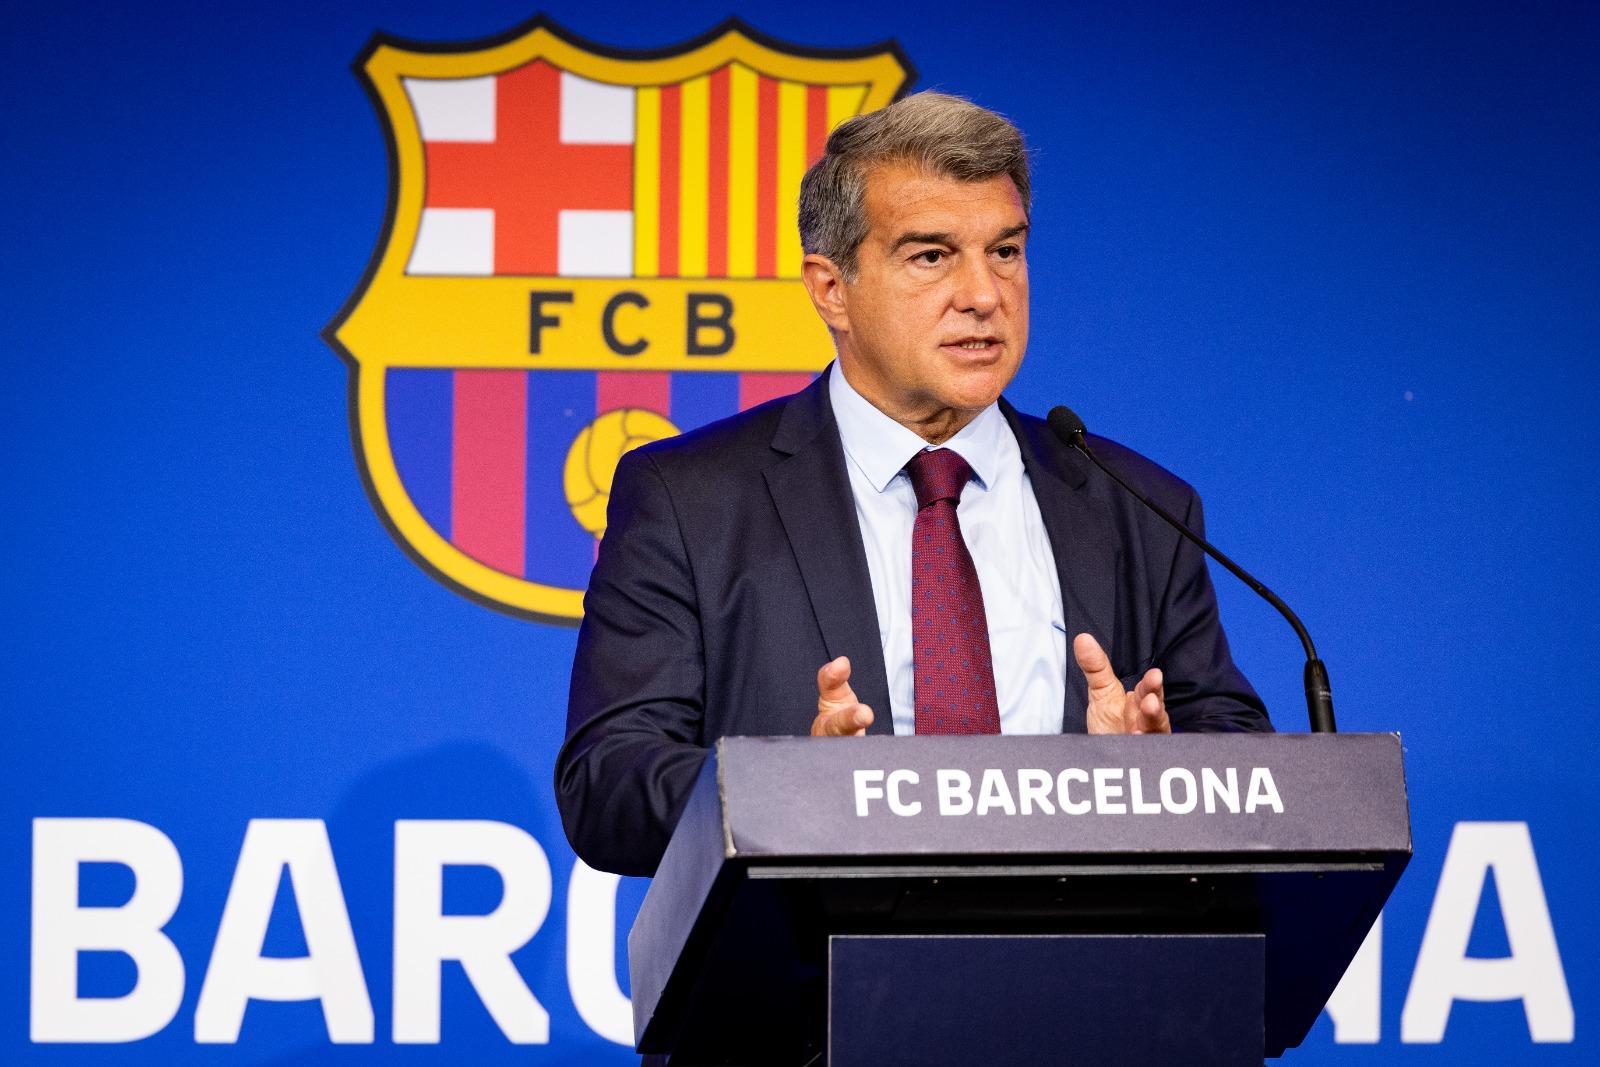 """ประธานาธิบดีลาปอร์ตาแบ่งปันกับสื่อสเปนที่คัมป์นูในตอนเย็นของวันที่ 16 สิงหาคม  ภาพถ่าย: """"Football Espana"""""""